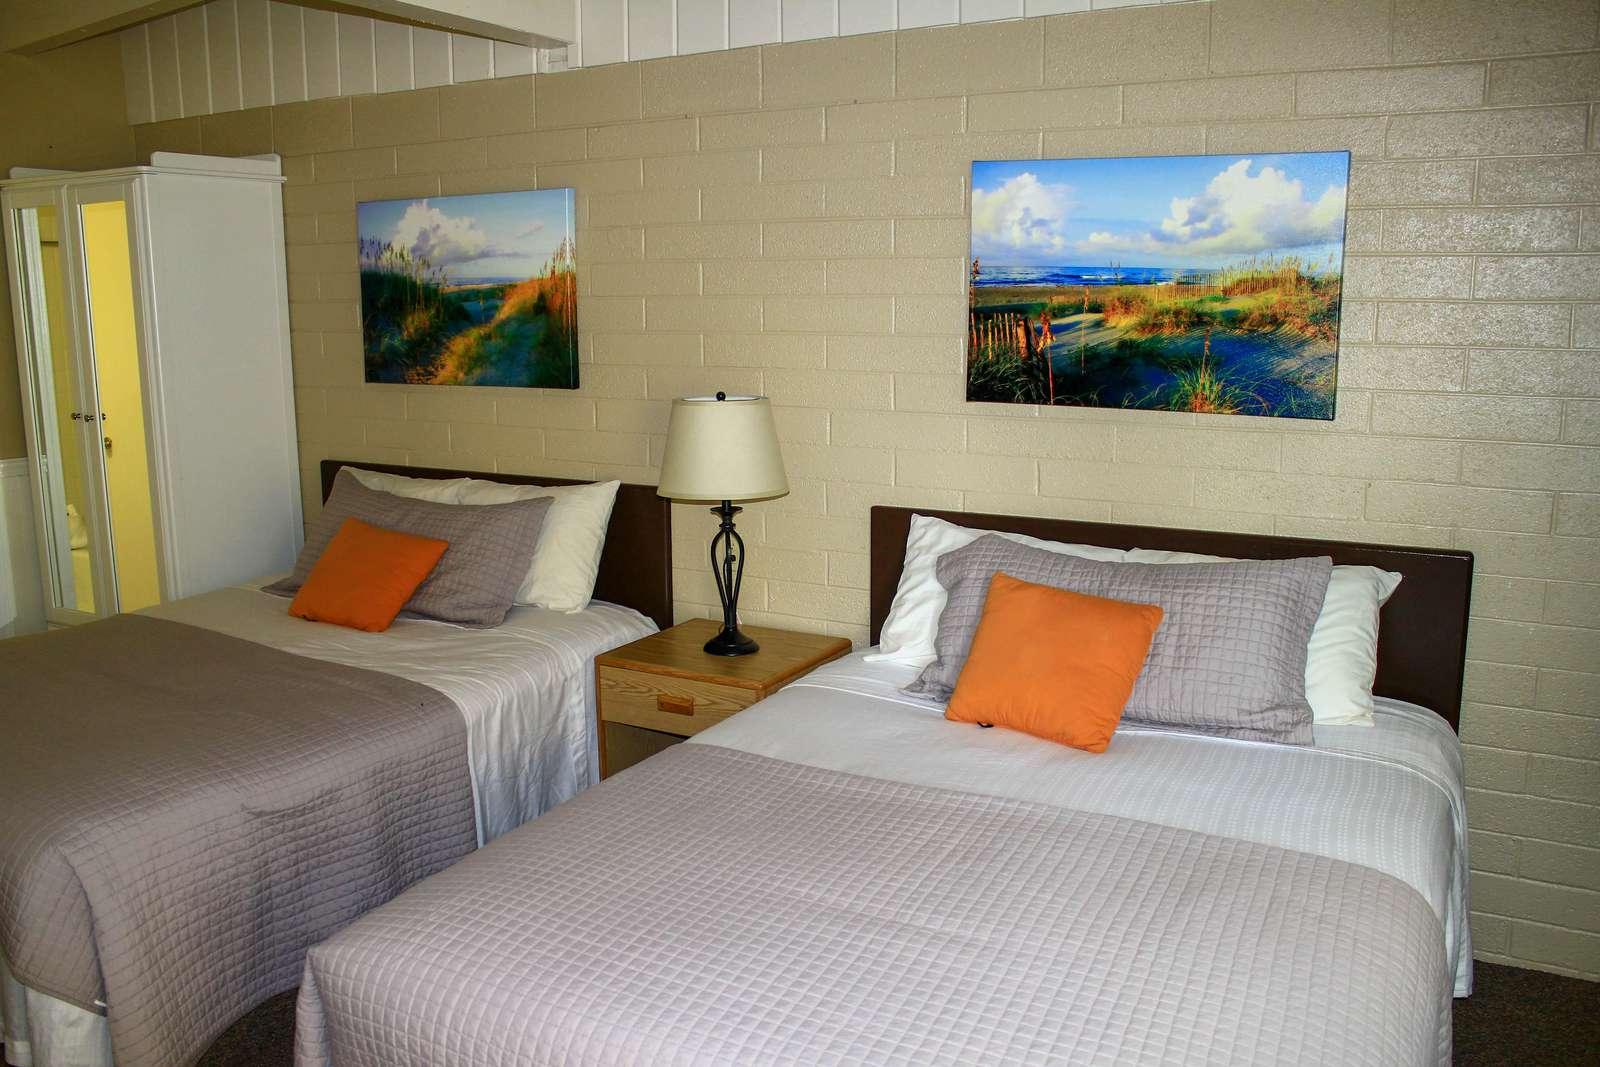 Motel Room #1